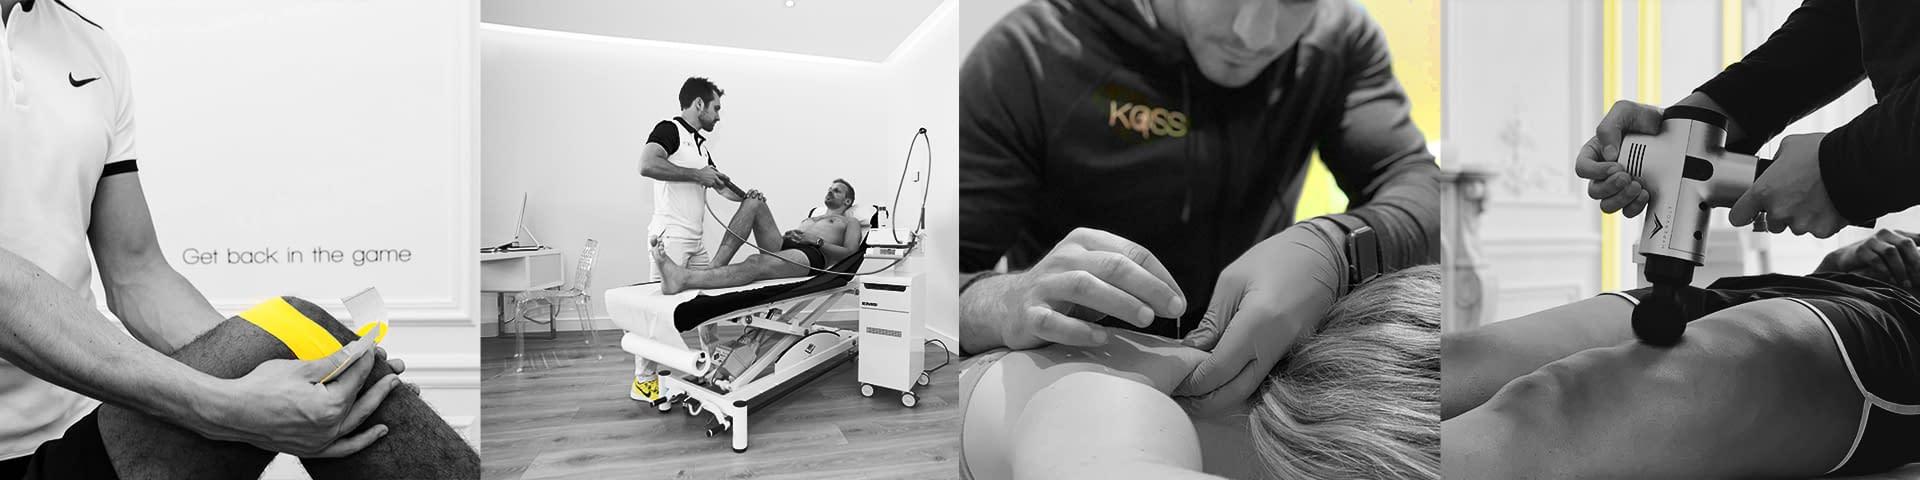 4 Séances de kinésithérapie avec des coach spécialistes du sport et des patients en rééducation